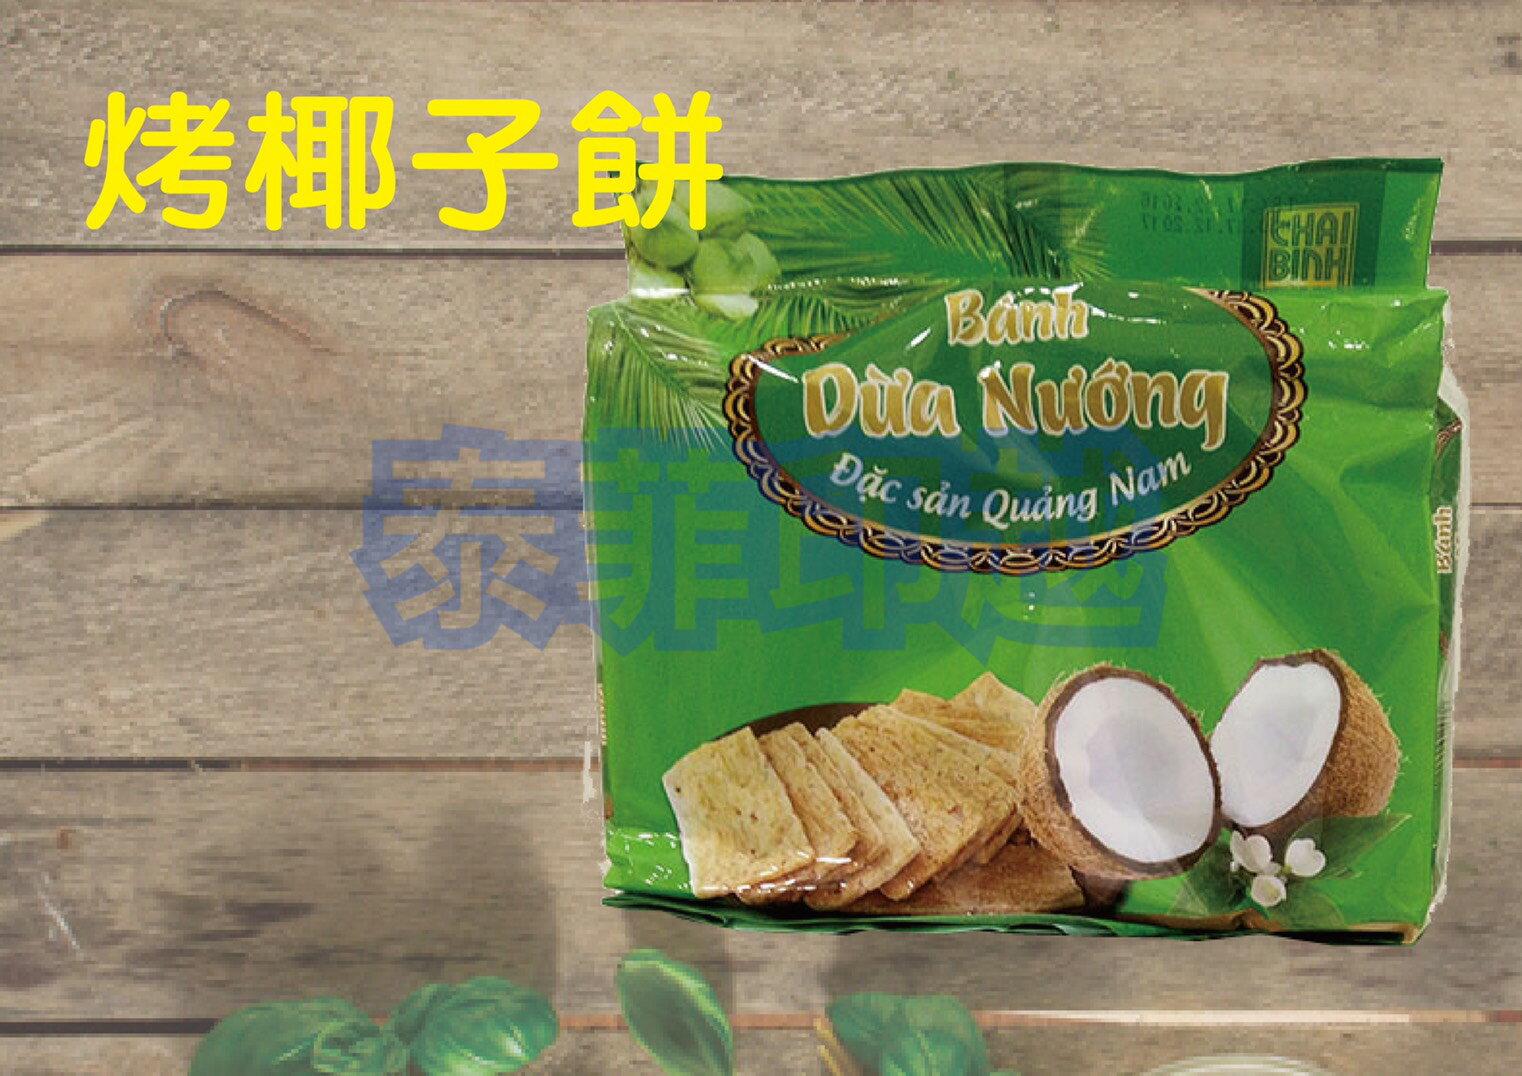 {泰菲印越} 越南 Thai binh 烤椰子餅 椰子餅乾 12入